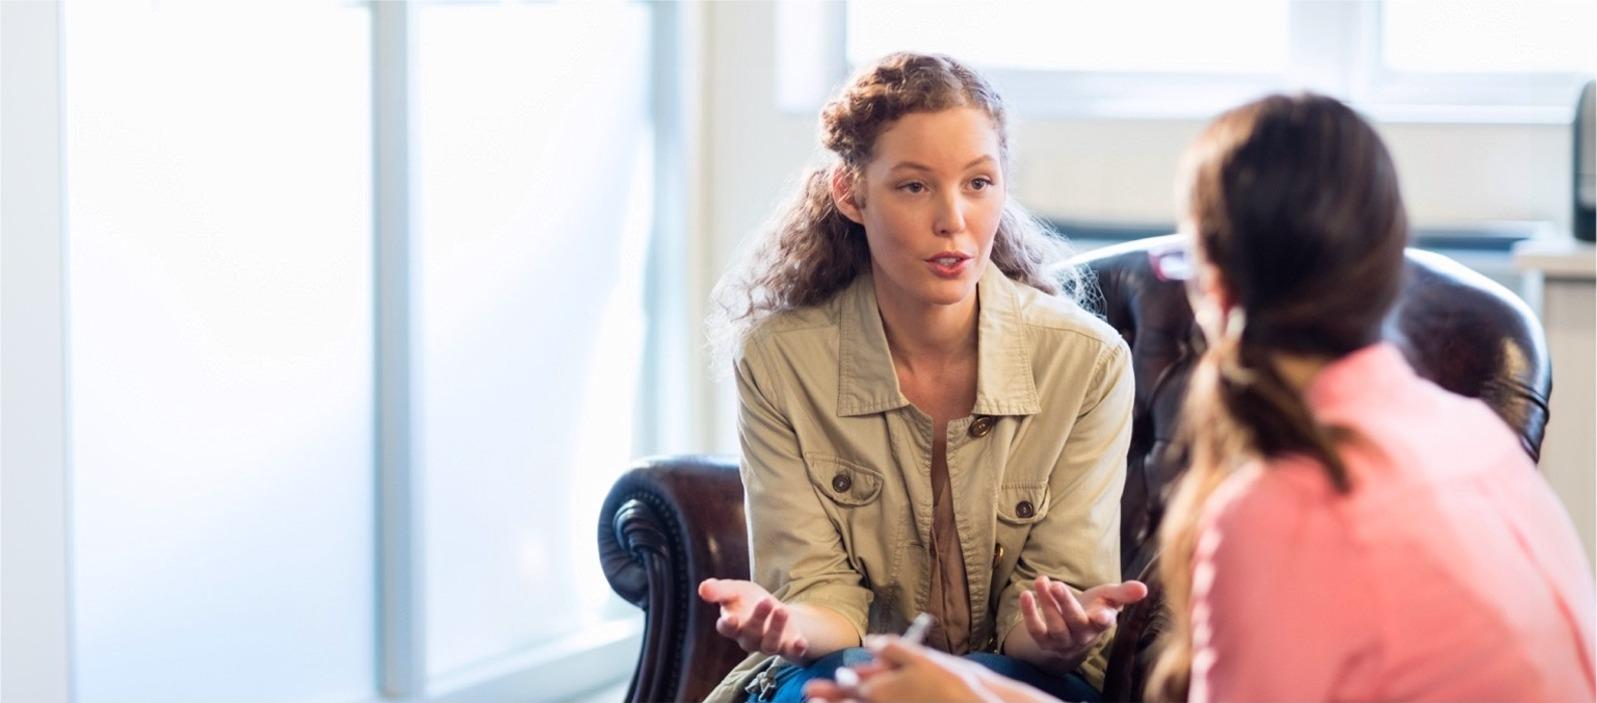 Two woman talking